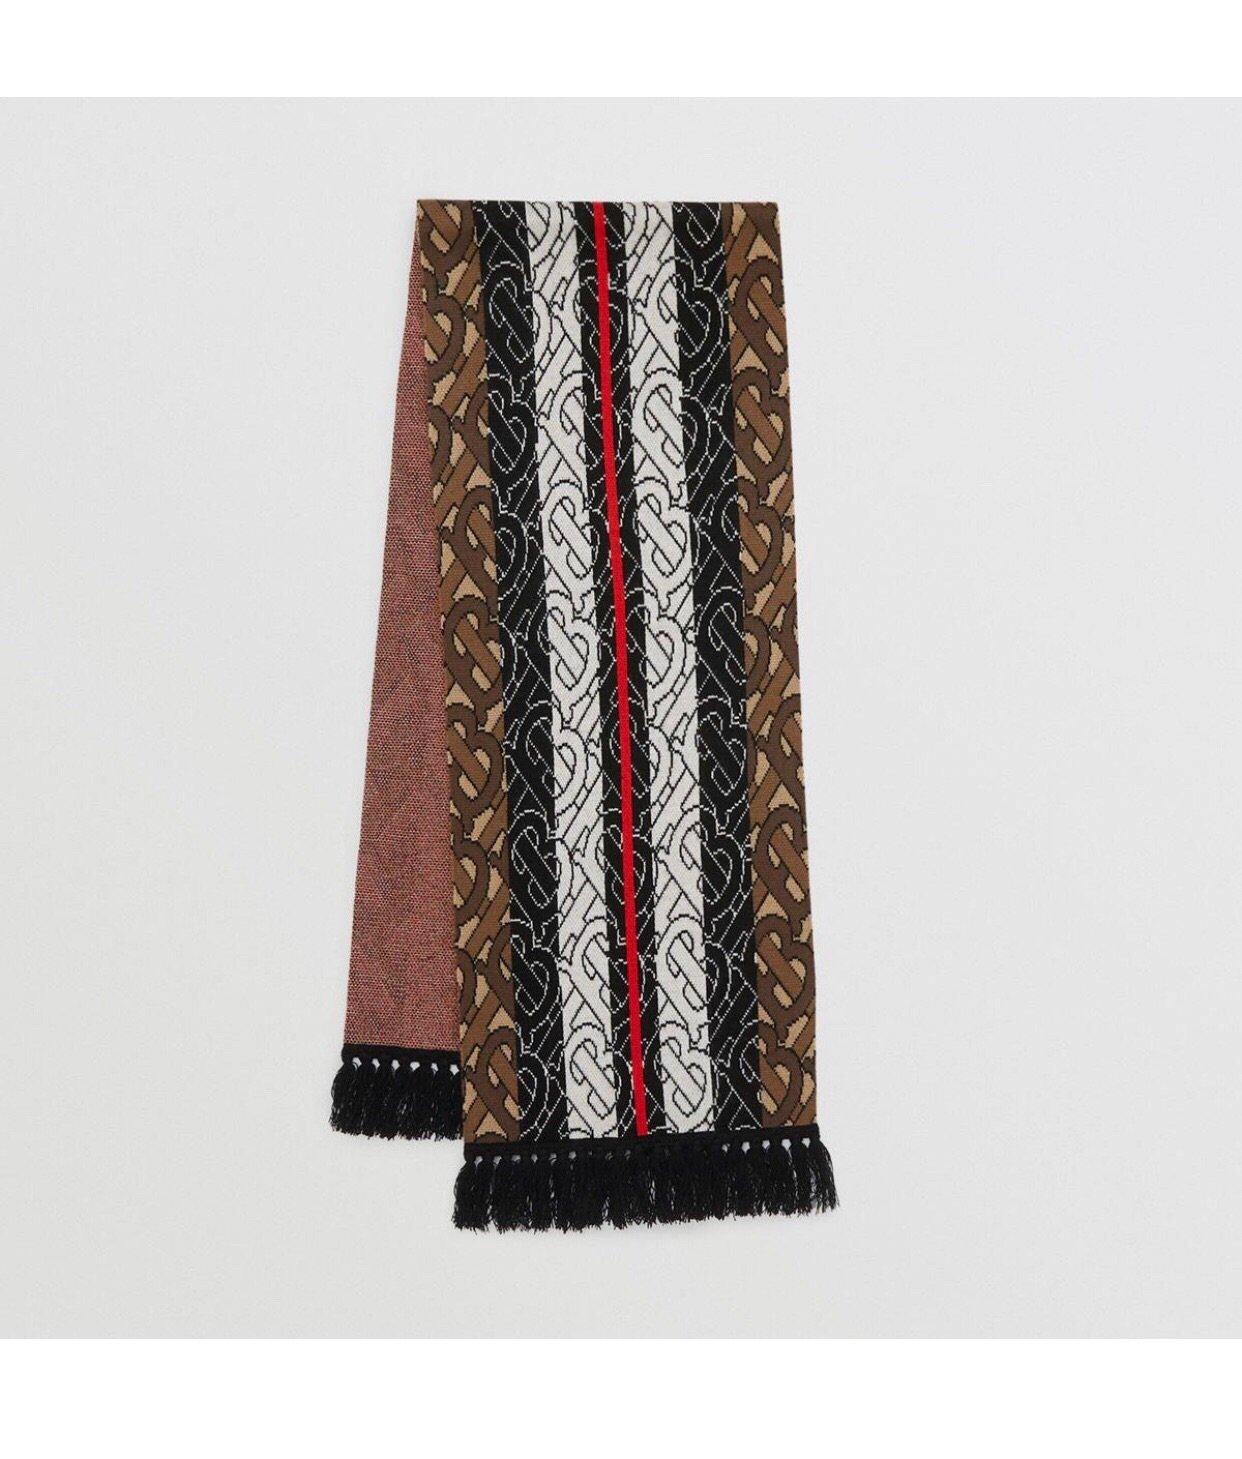 Burberry专属标识条纹羊绒围巾 (图5)